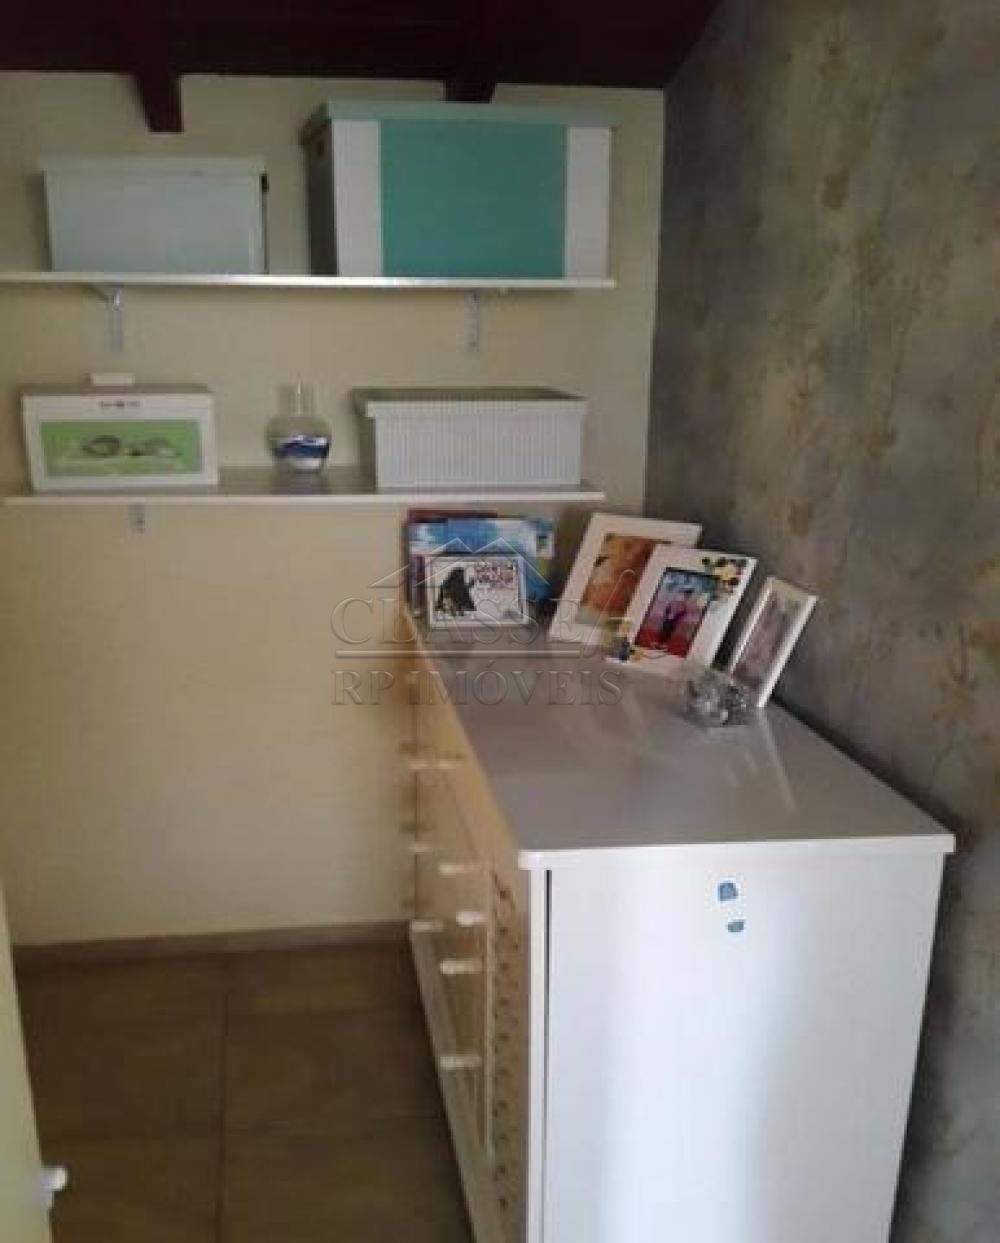 Comprar Casa / Condomínio - sobrado em Ribeirão Preto apenas R$ 340.000,00 - Foto 16